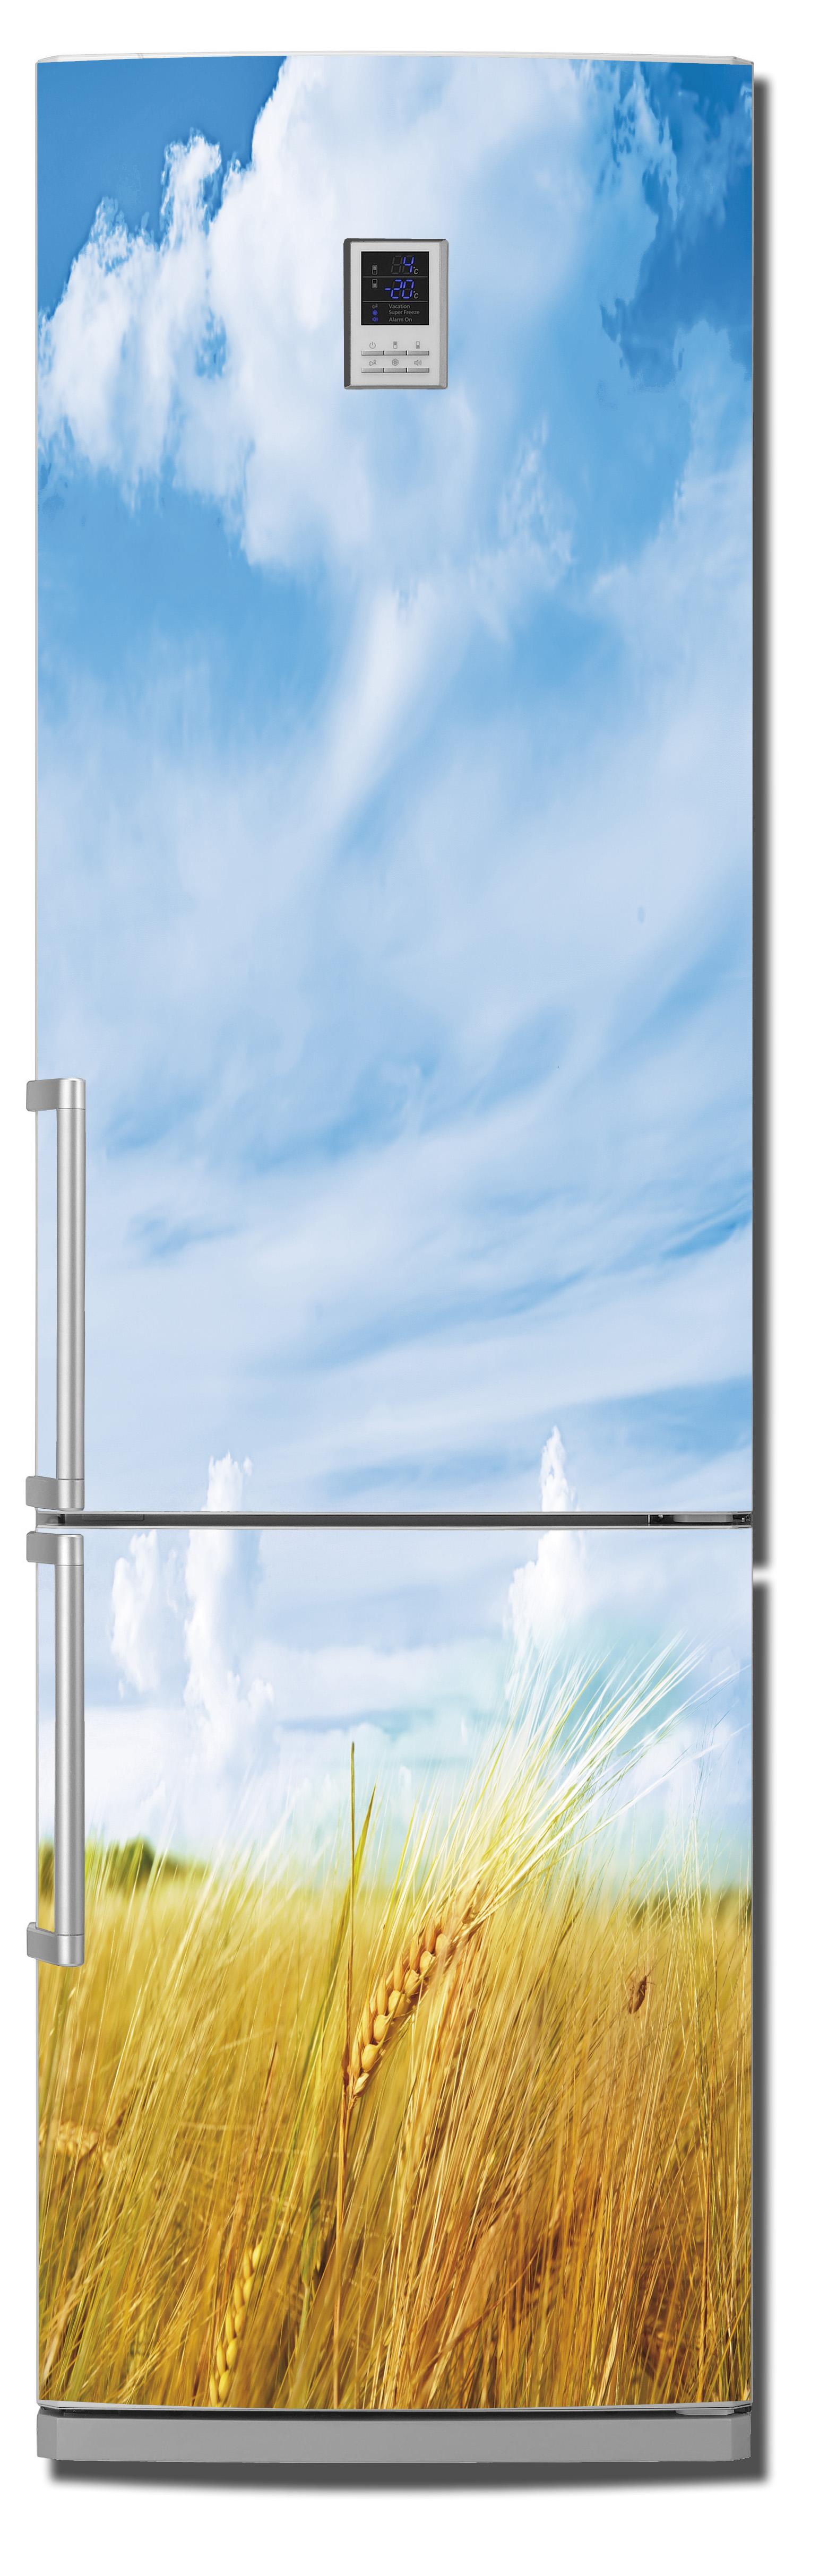 Наклейка на холодильник - Житница.